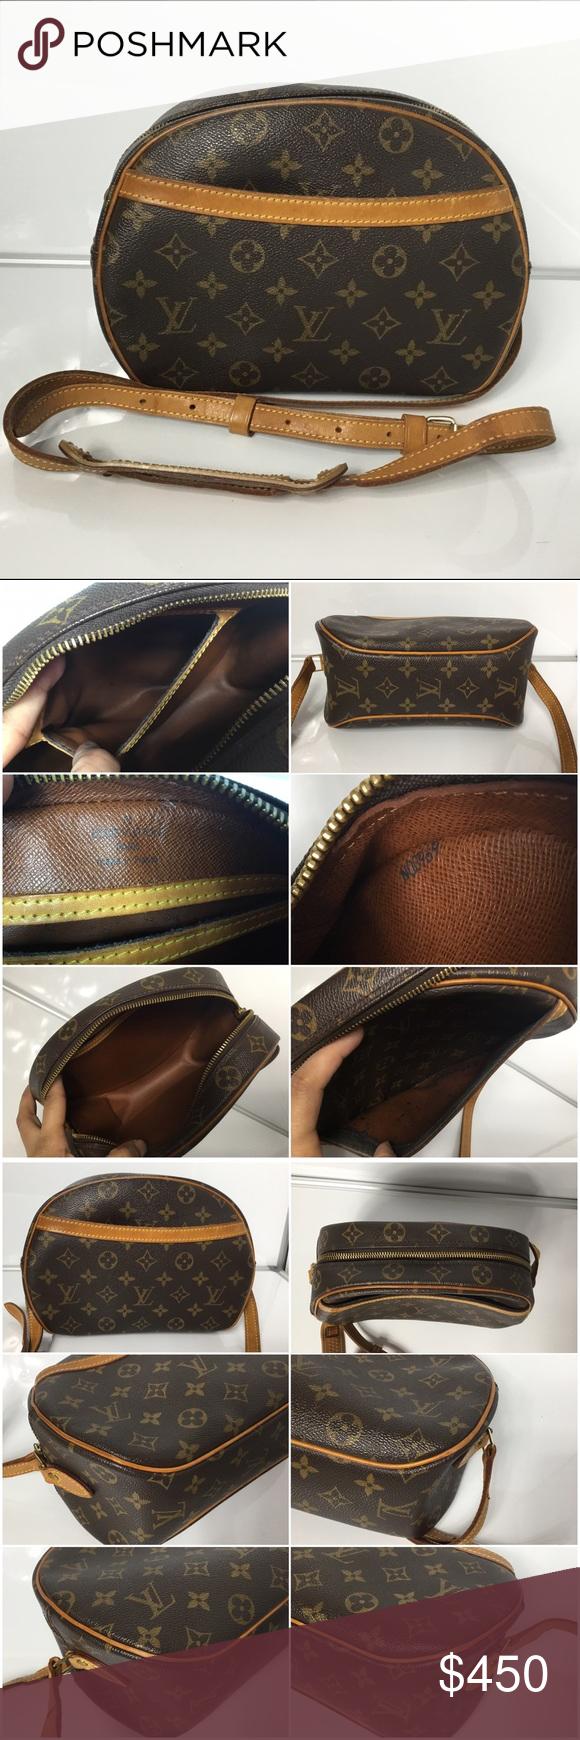 ef4157f91667 100% Authentic Louis Vuitton Blois Crossbody Bag 100% Authentic Louis  Vuitton Monogram Blois Crossbody